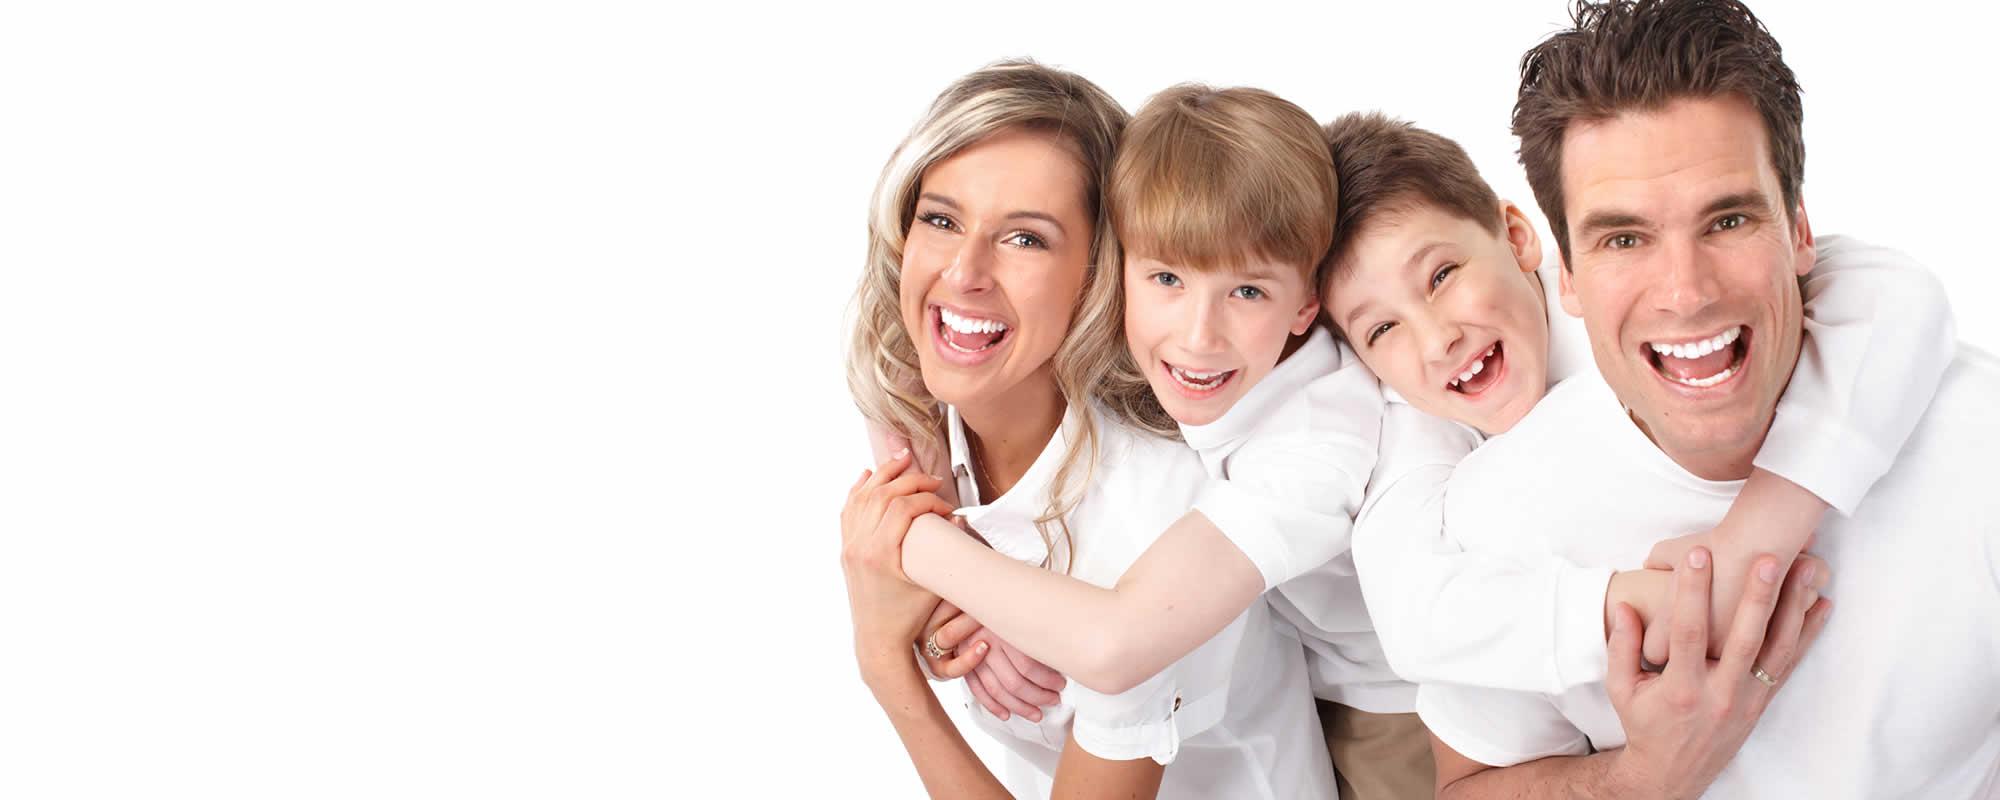 kinderen tandarts mondhygiëniste